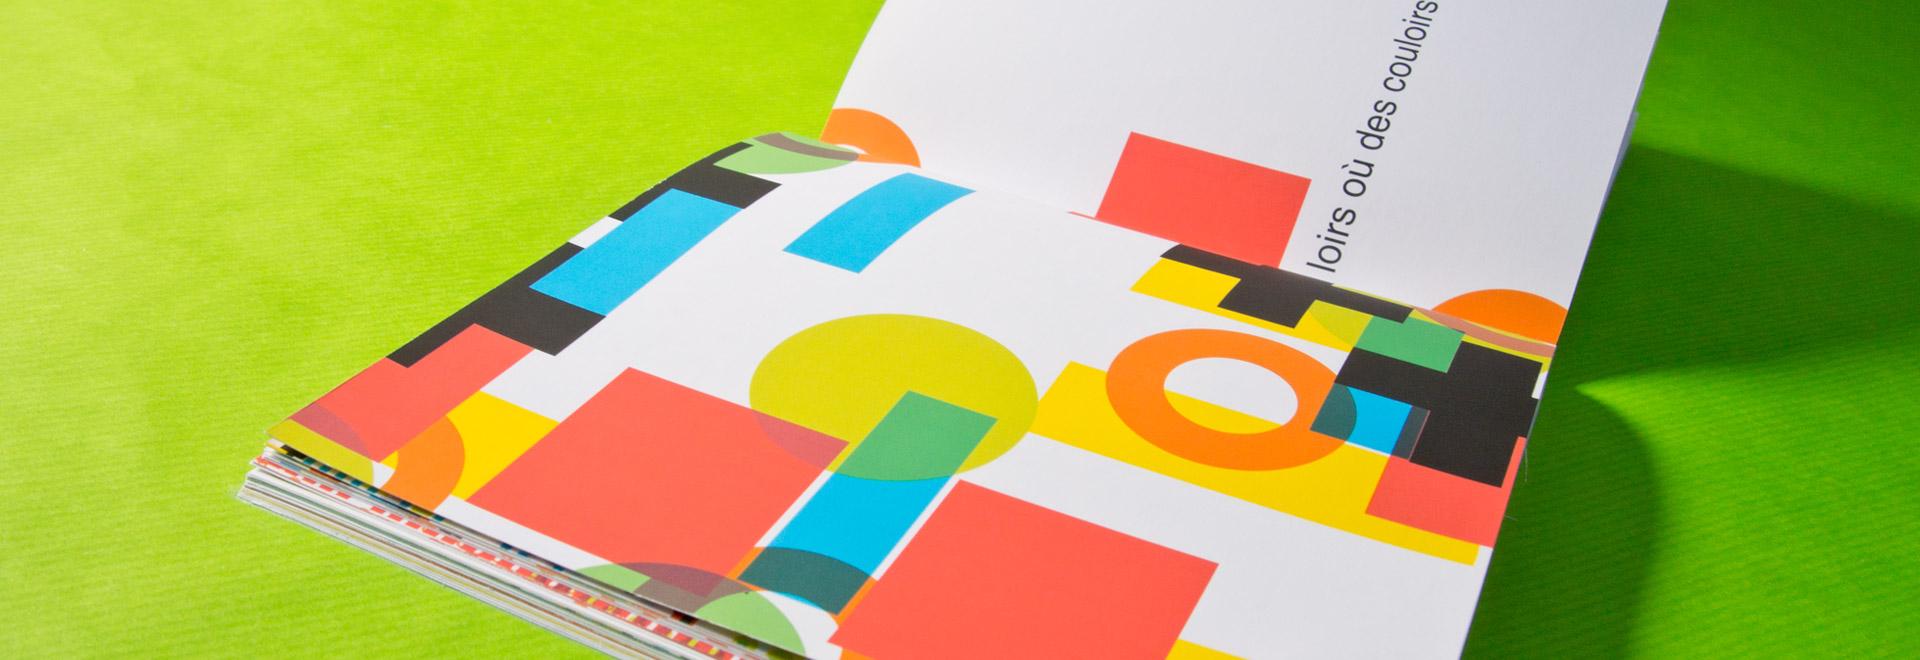 Marienbad-livre-graphique-6-detail-motifs-3